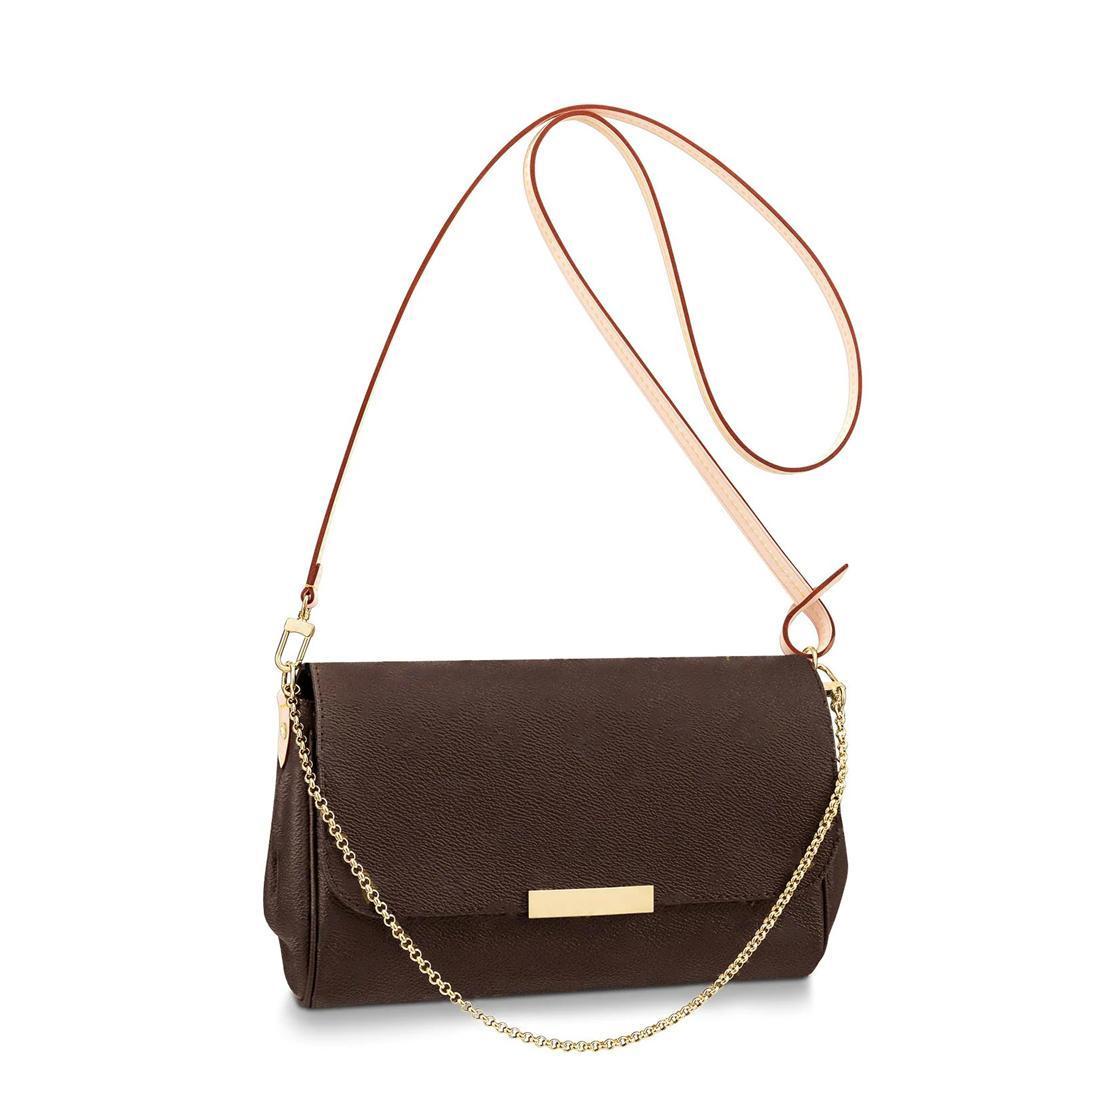 Bolsa bolsa crossbody bolsas bolsas mulheres carteiras mulheres bolsa bolsa de ombro carteiras titular de cartão de moda carteira chaveiro bolsa 49-53